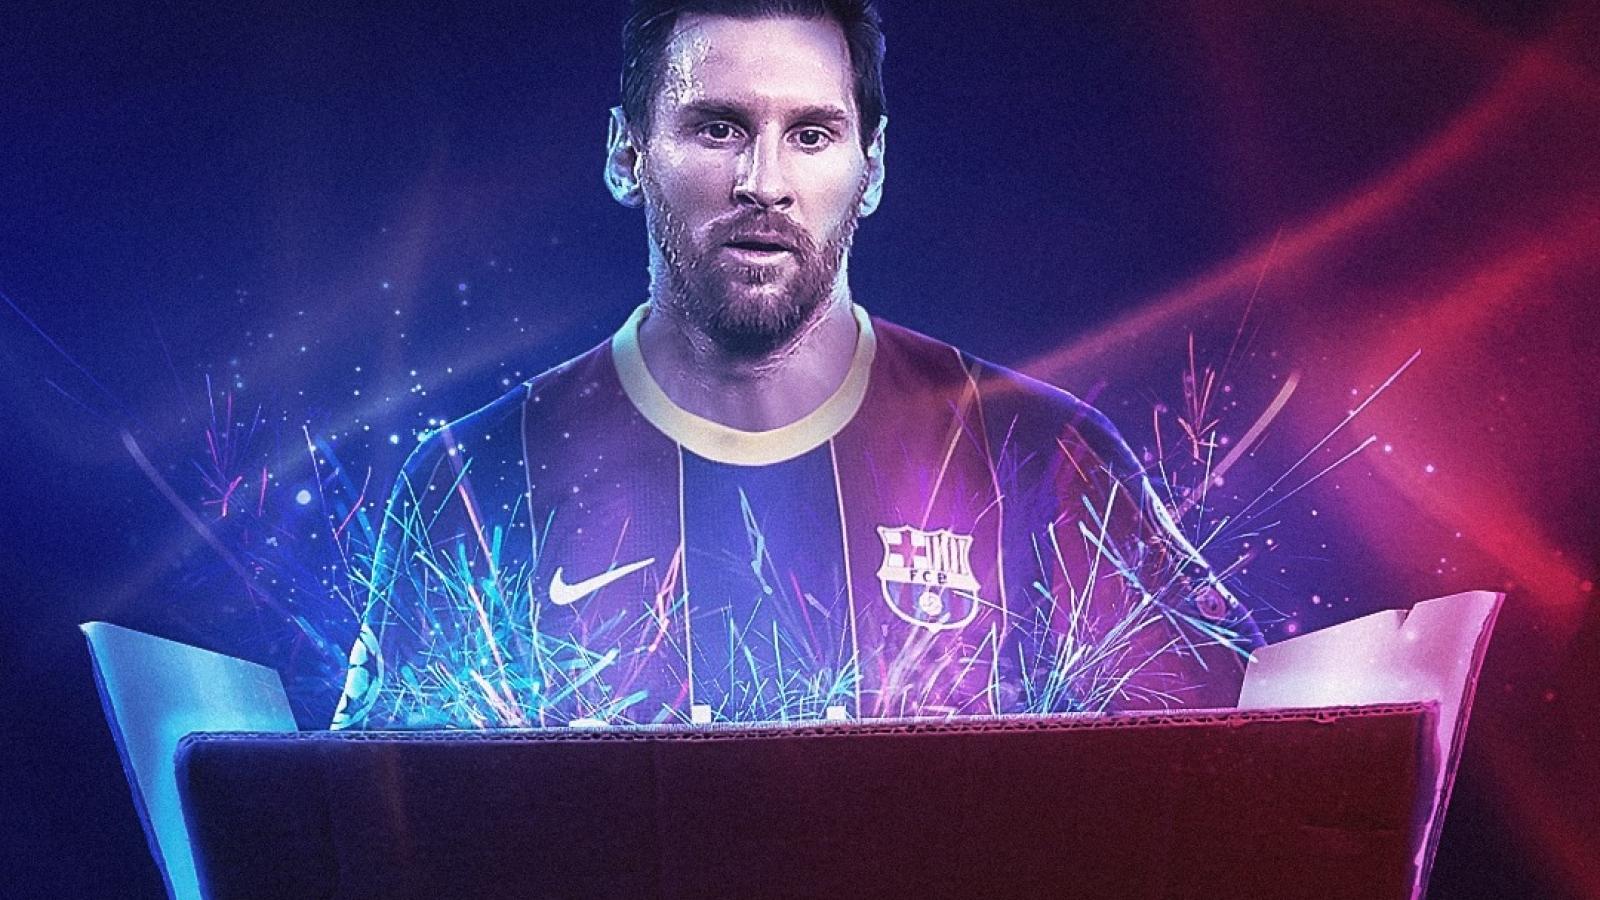 Biếm họa 24h: Tìm lại đôi chân ma thuật, Messi dập tắt mọi chỉ trích